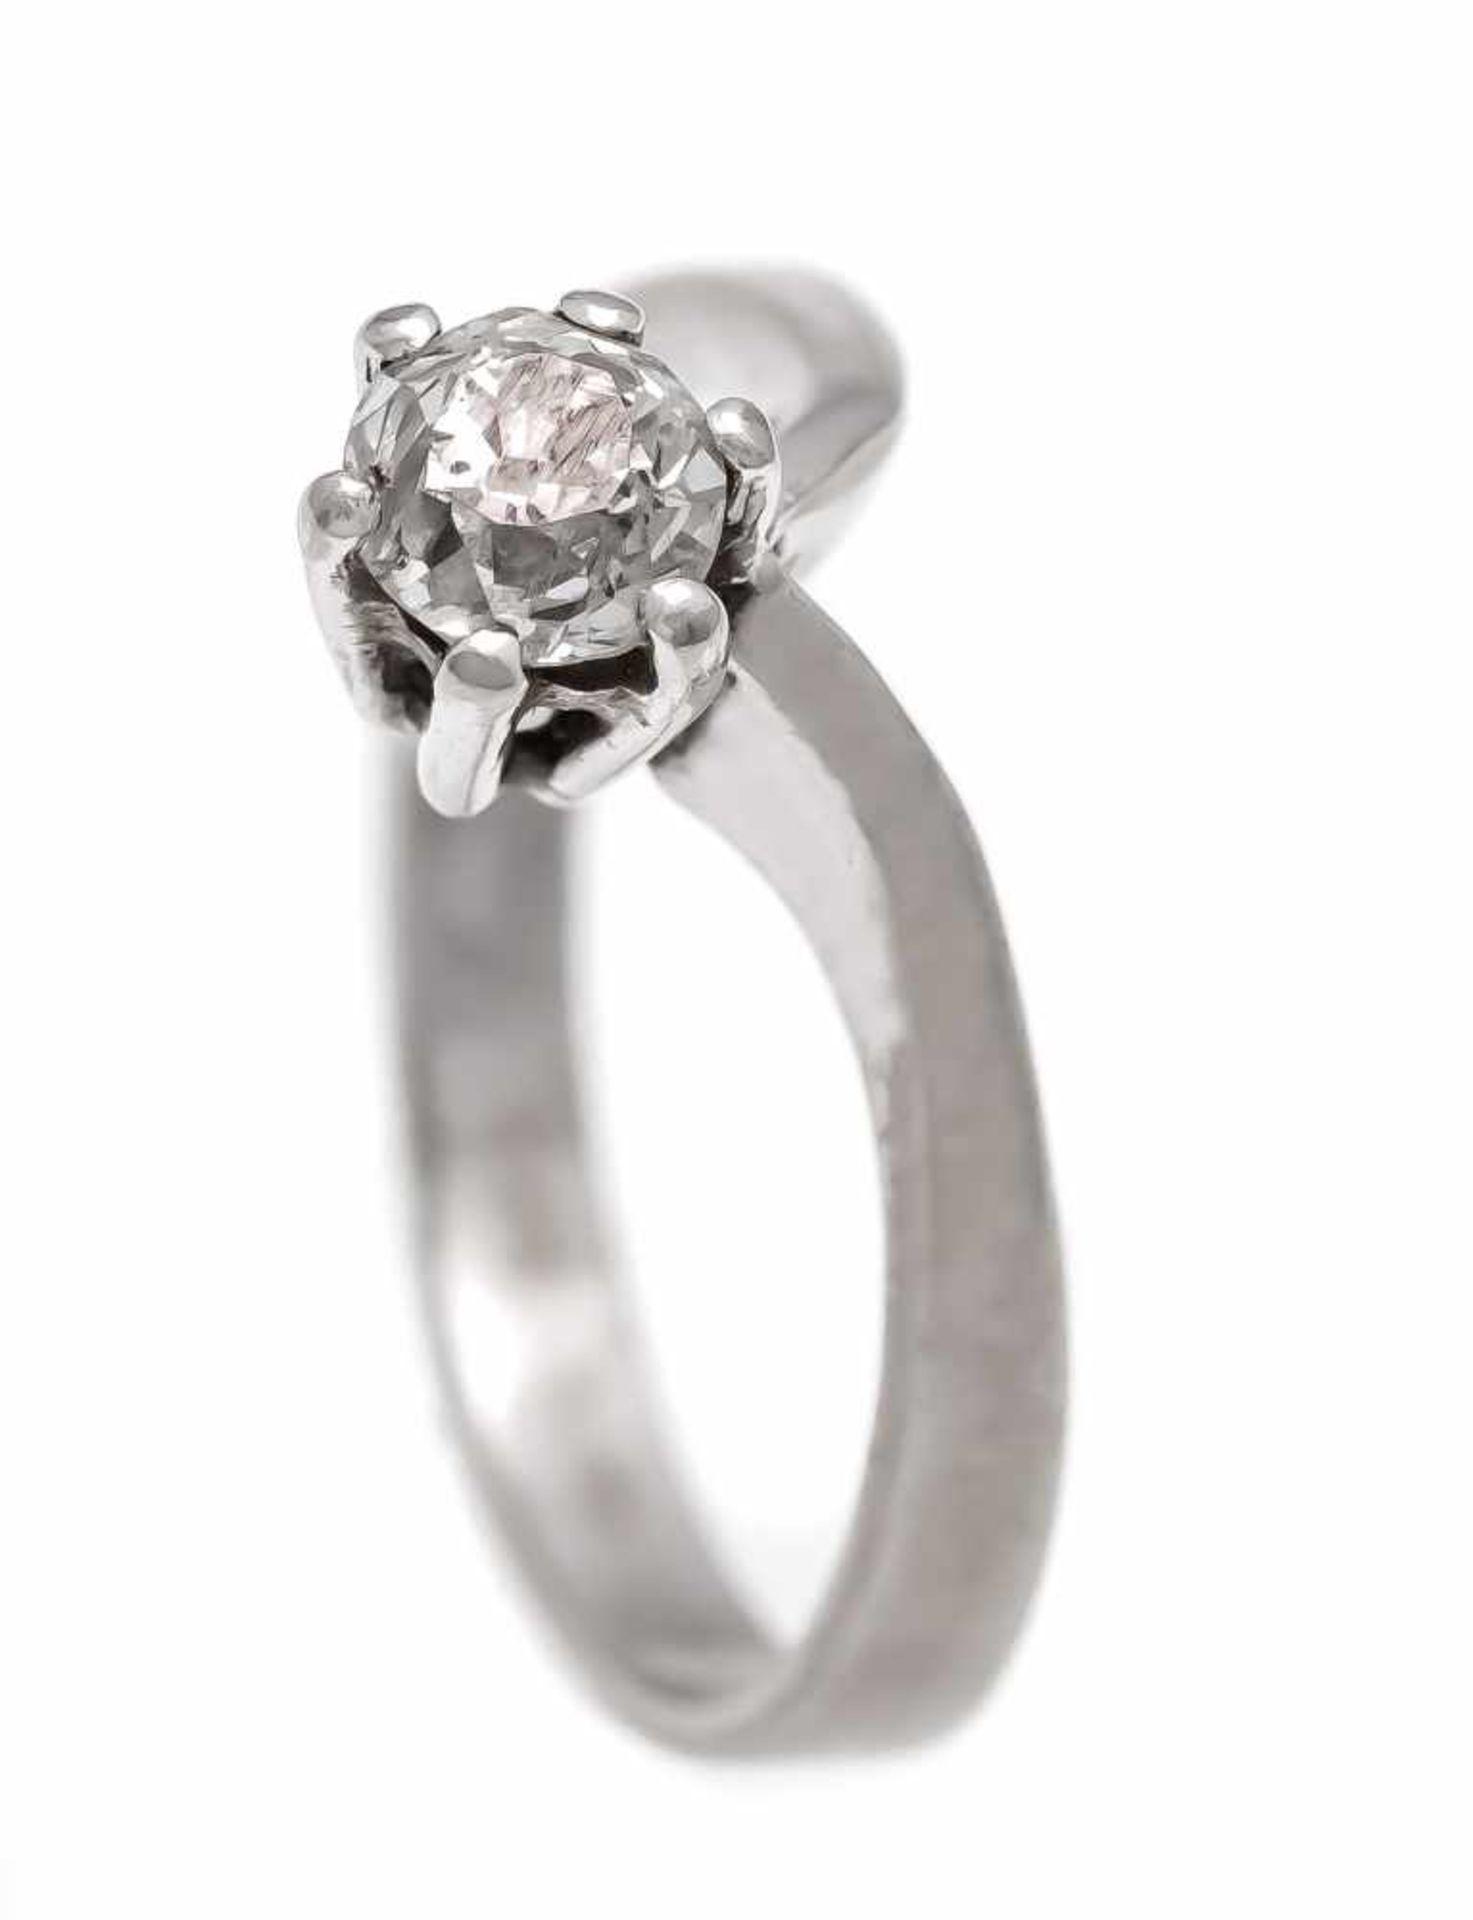 Altschliff-Diamant-Ring WG 585/000 mit einem Altschliff-Diamanten 0,30 ct l.get.W/SI, RG53, 2,8 gOld